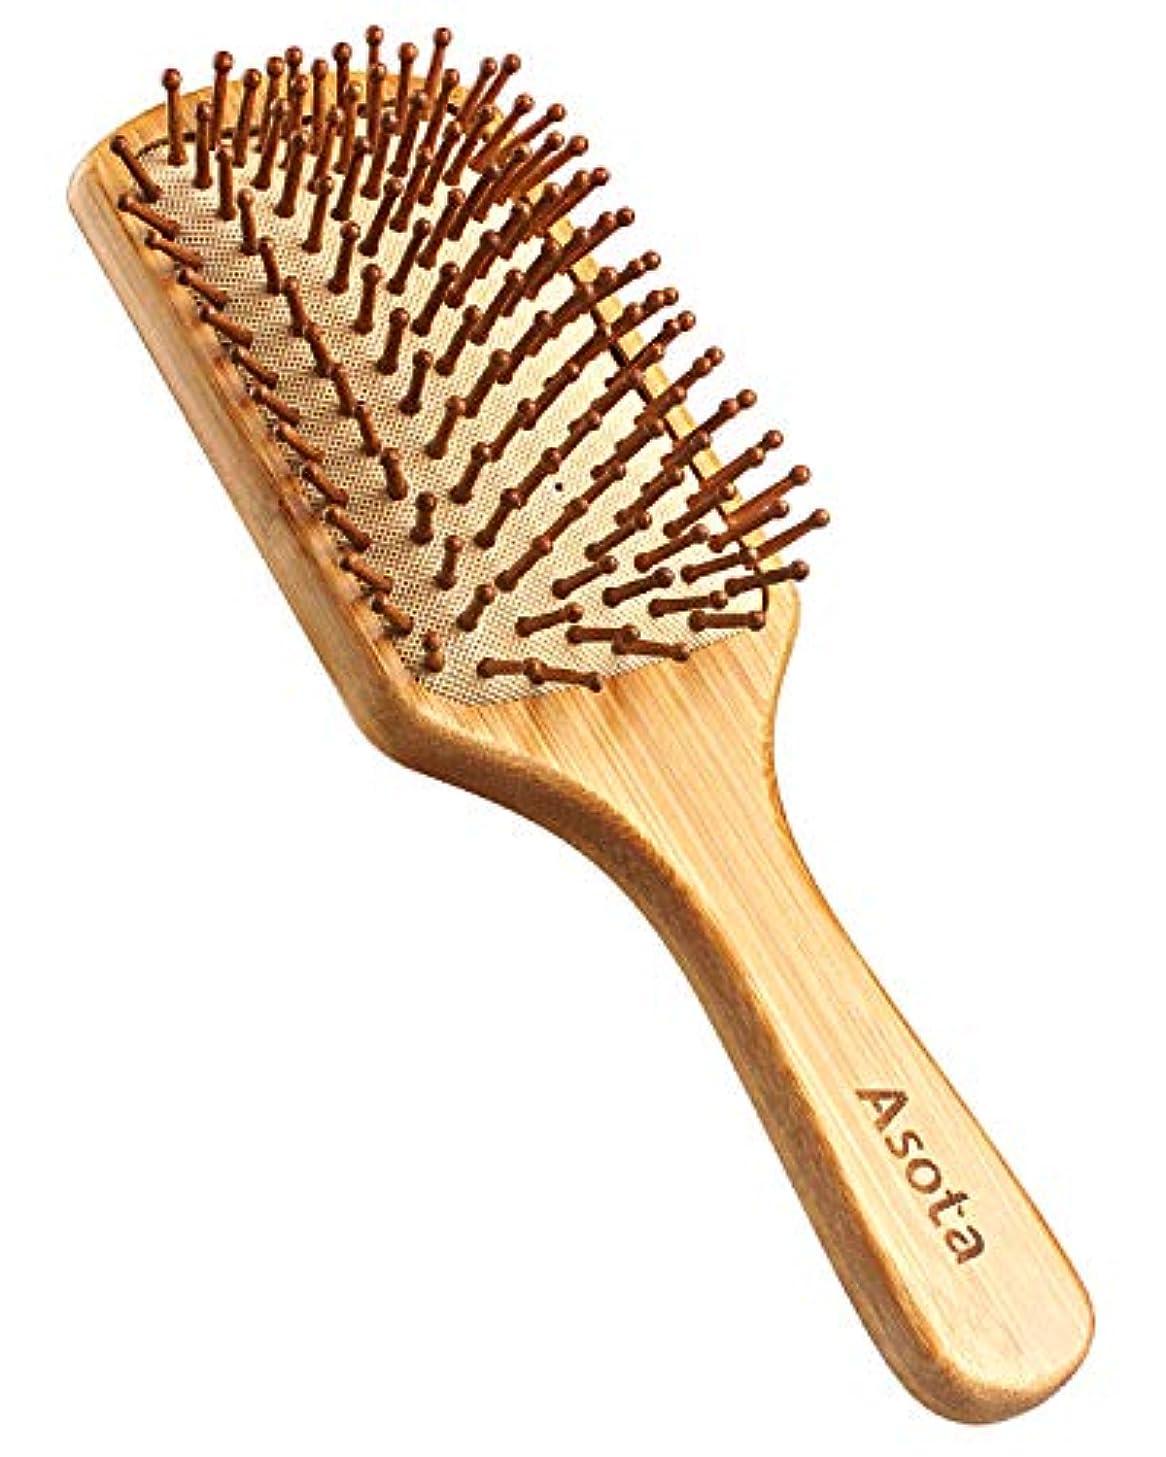 悪意パリティモザイクAsota 高級木製櫛 ヘアブラシ ヘアコーム 静電気防止 頭皮マッサージ 天然 木の香り 美髪 (大)